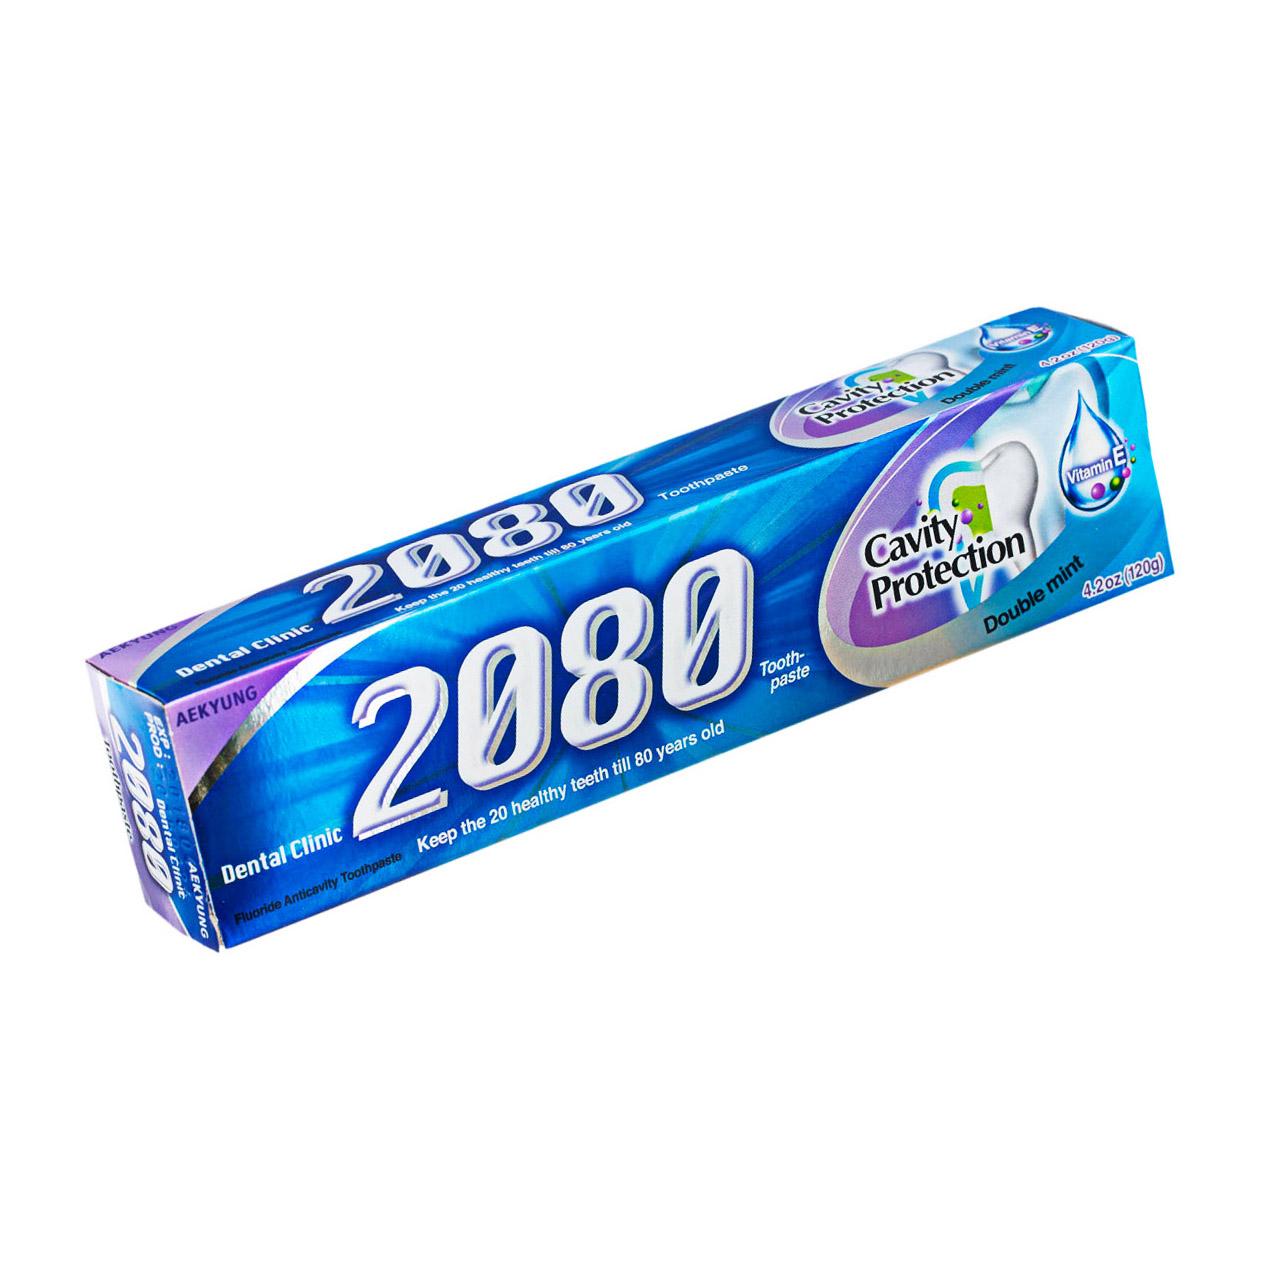 قیمت خمیر دندان 2080 مدل ضد پوسیدگی حجم 120 میلی لیتر